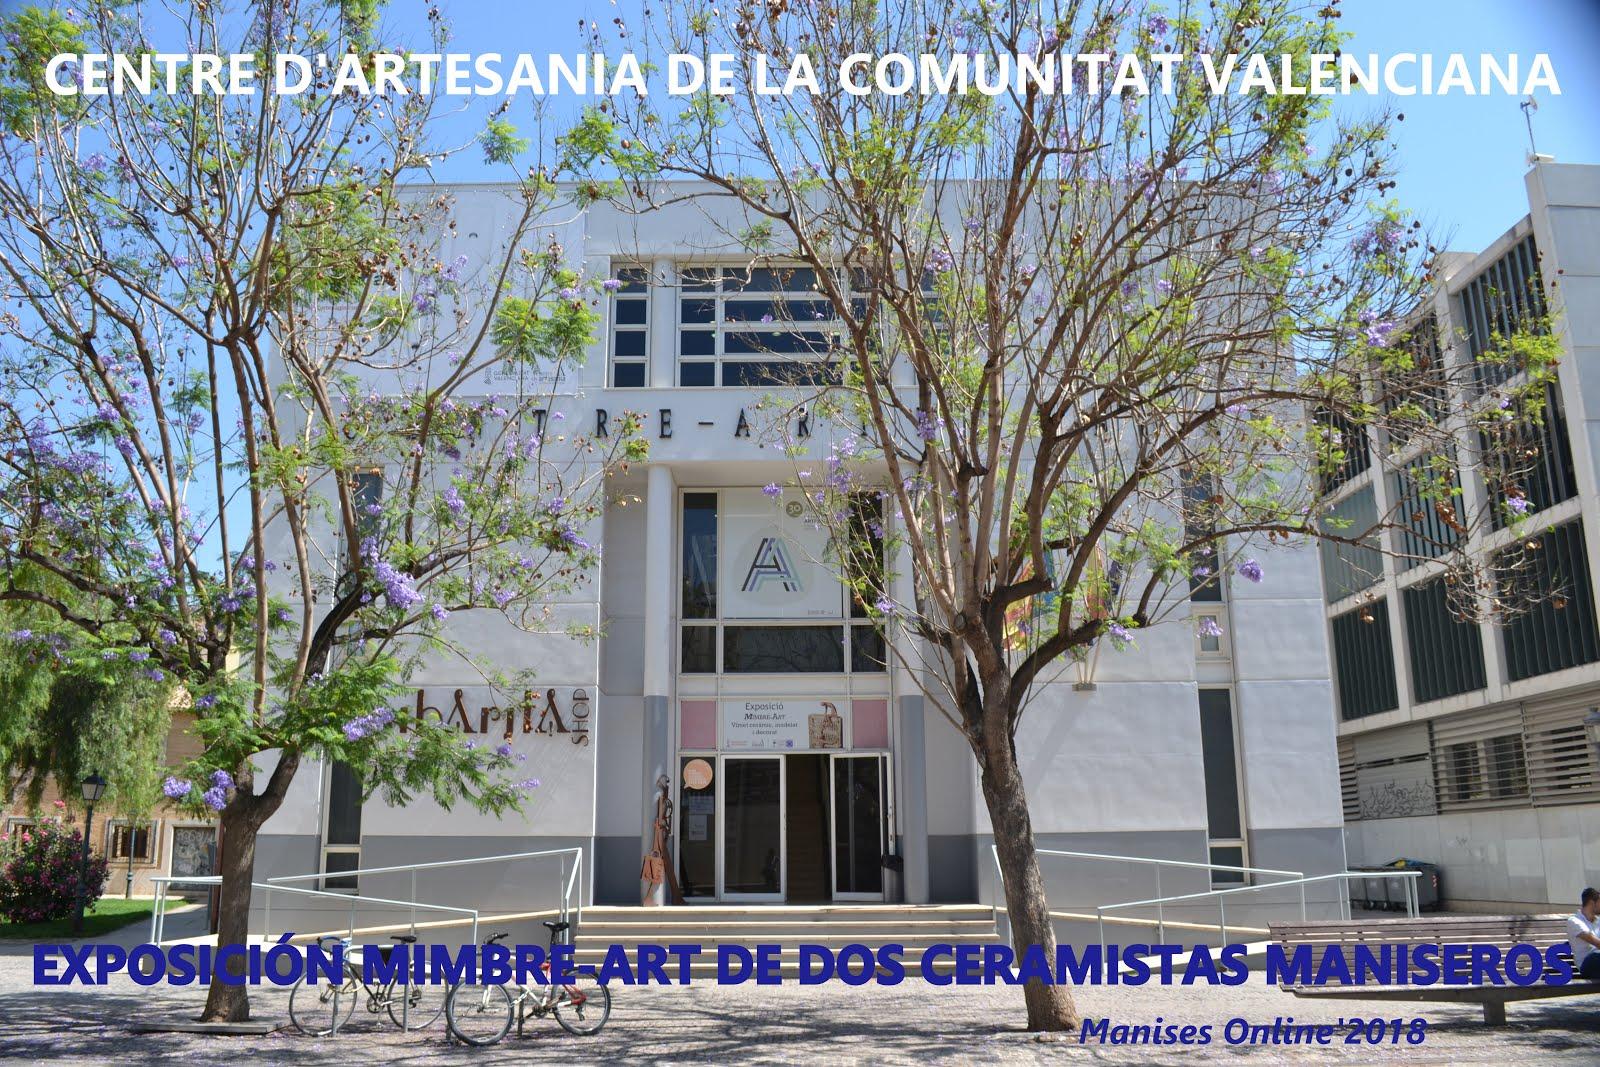 12.06.18 EXPOSICIÓN EN EL CENTRO DE ARTESANÍA DE LA COMUNITAT VALENCIANA